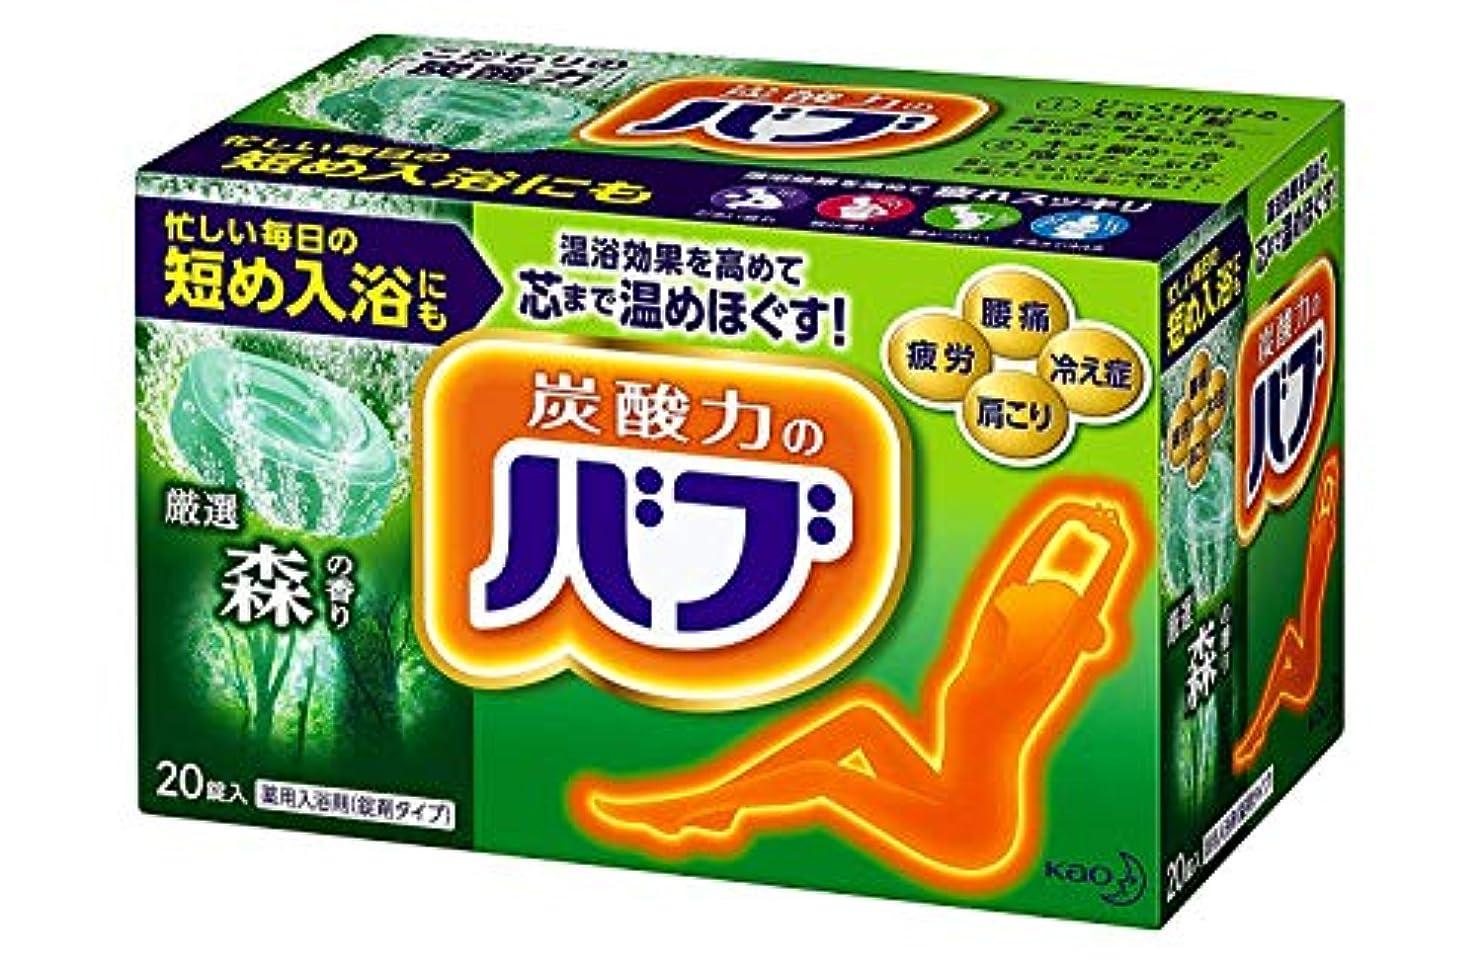 大胆な硬化する値する【花王】バブ 森の香り (20錠入) ×5個セット